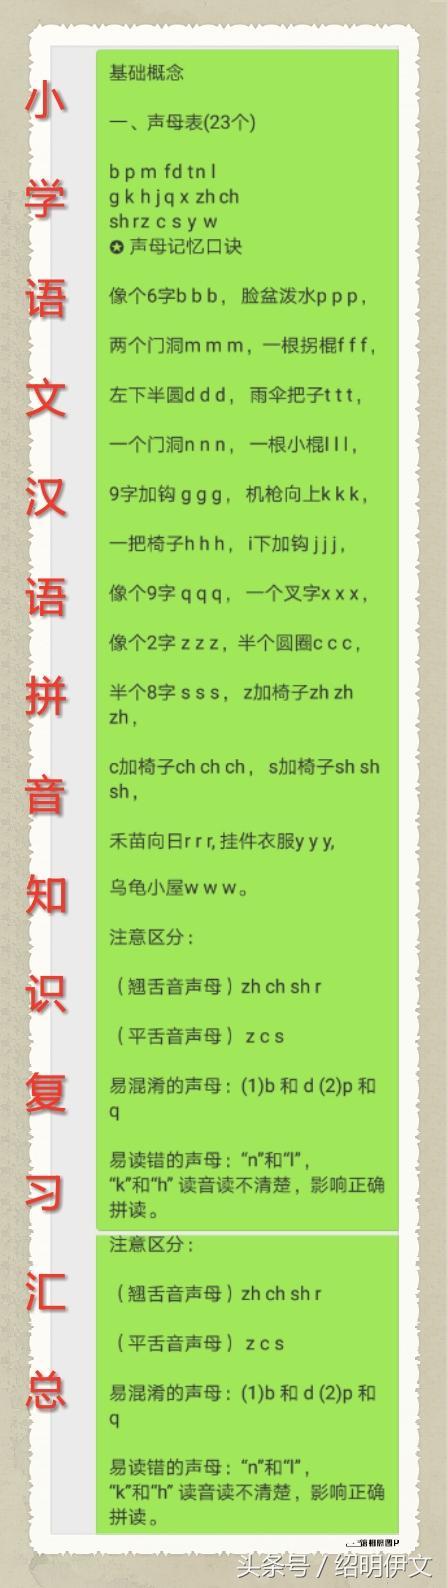 小学拼音,小学语文汉语拼音知识汇总,一年级的家长要记得为孩子收藏打印